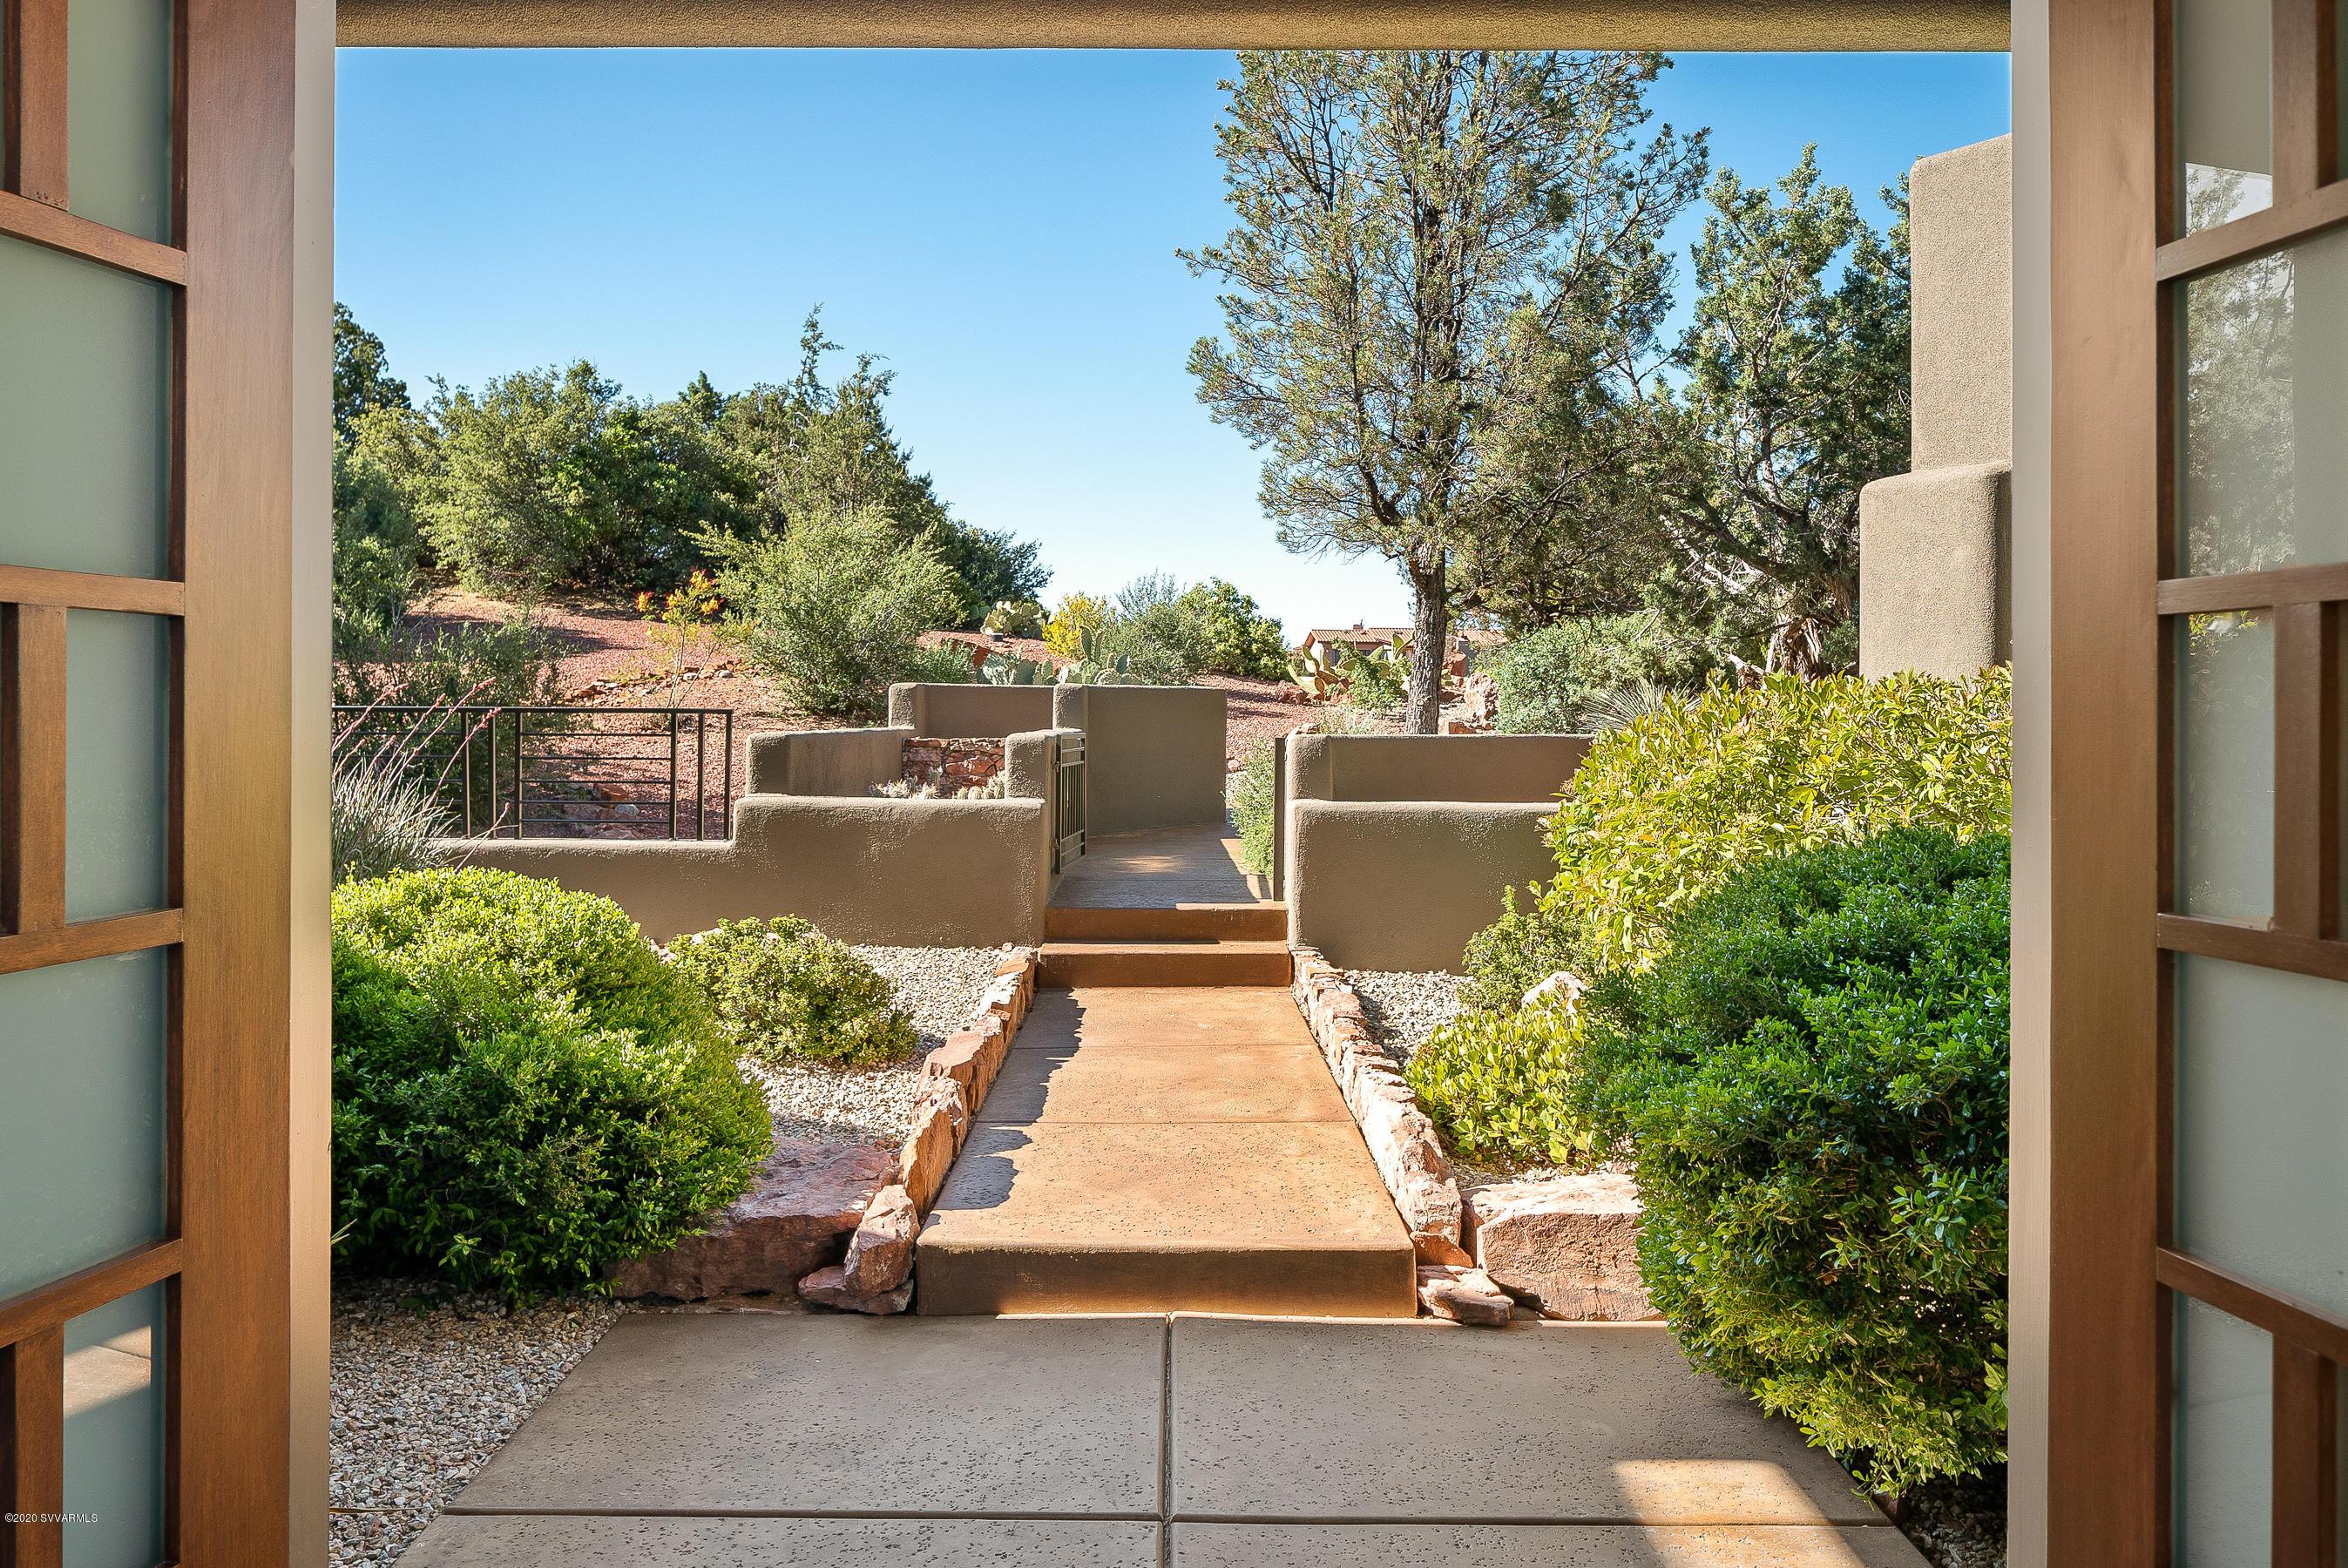 55 North Slopes Drive Sedona, AZ 86336